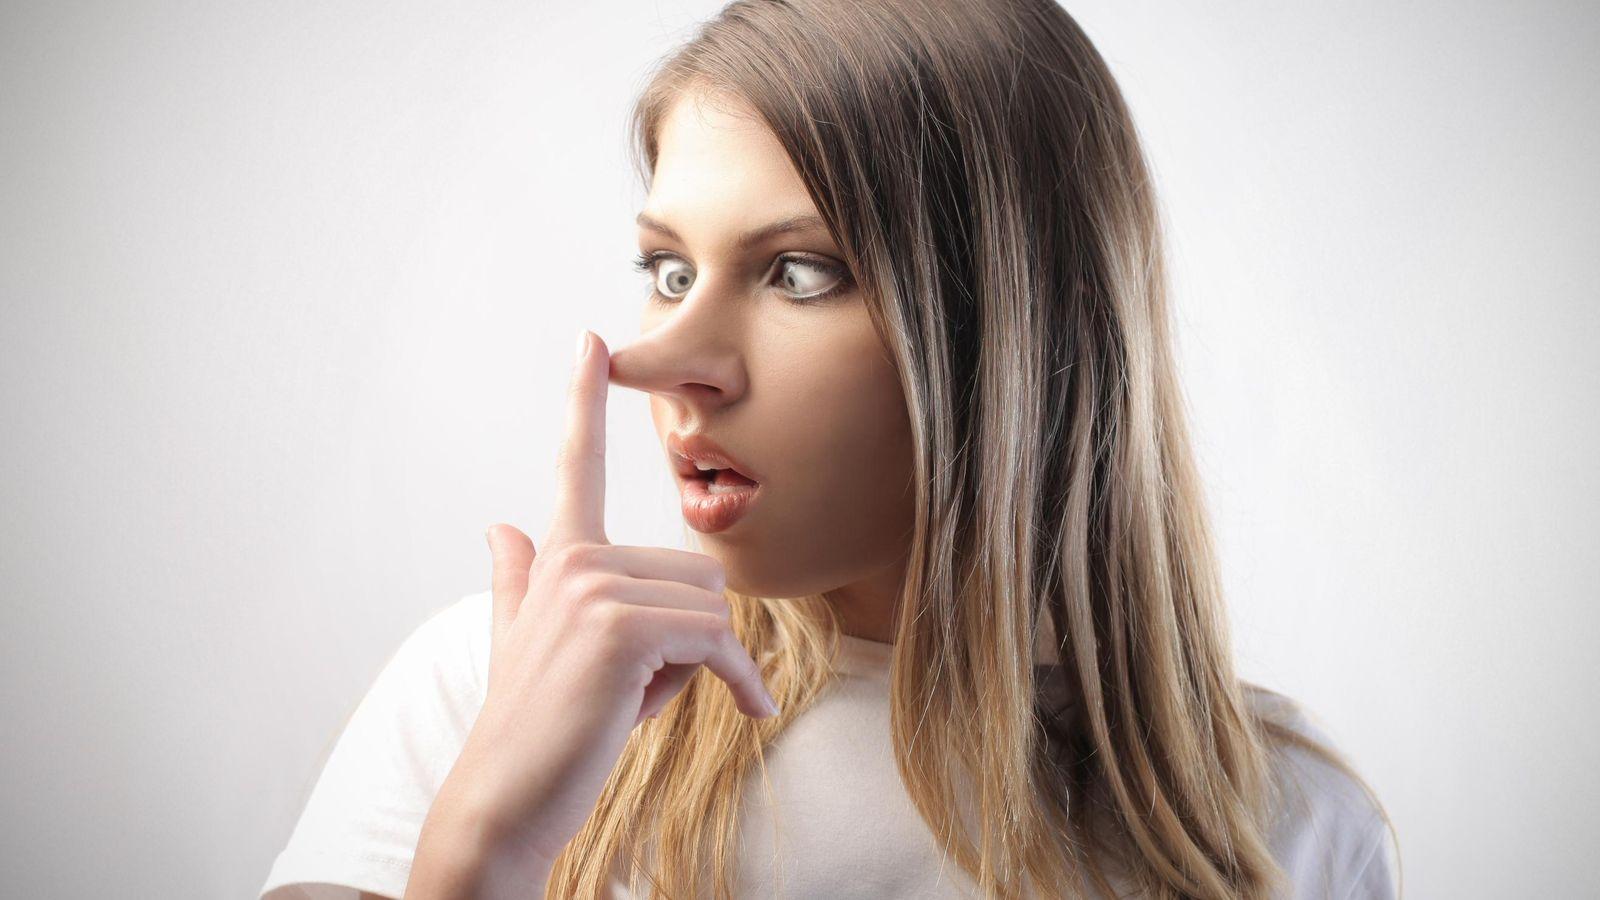 Foto: No creas todo lo que te cuenten: a los mentirosos no les crece la nariz. (iStock)